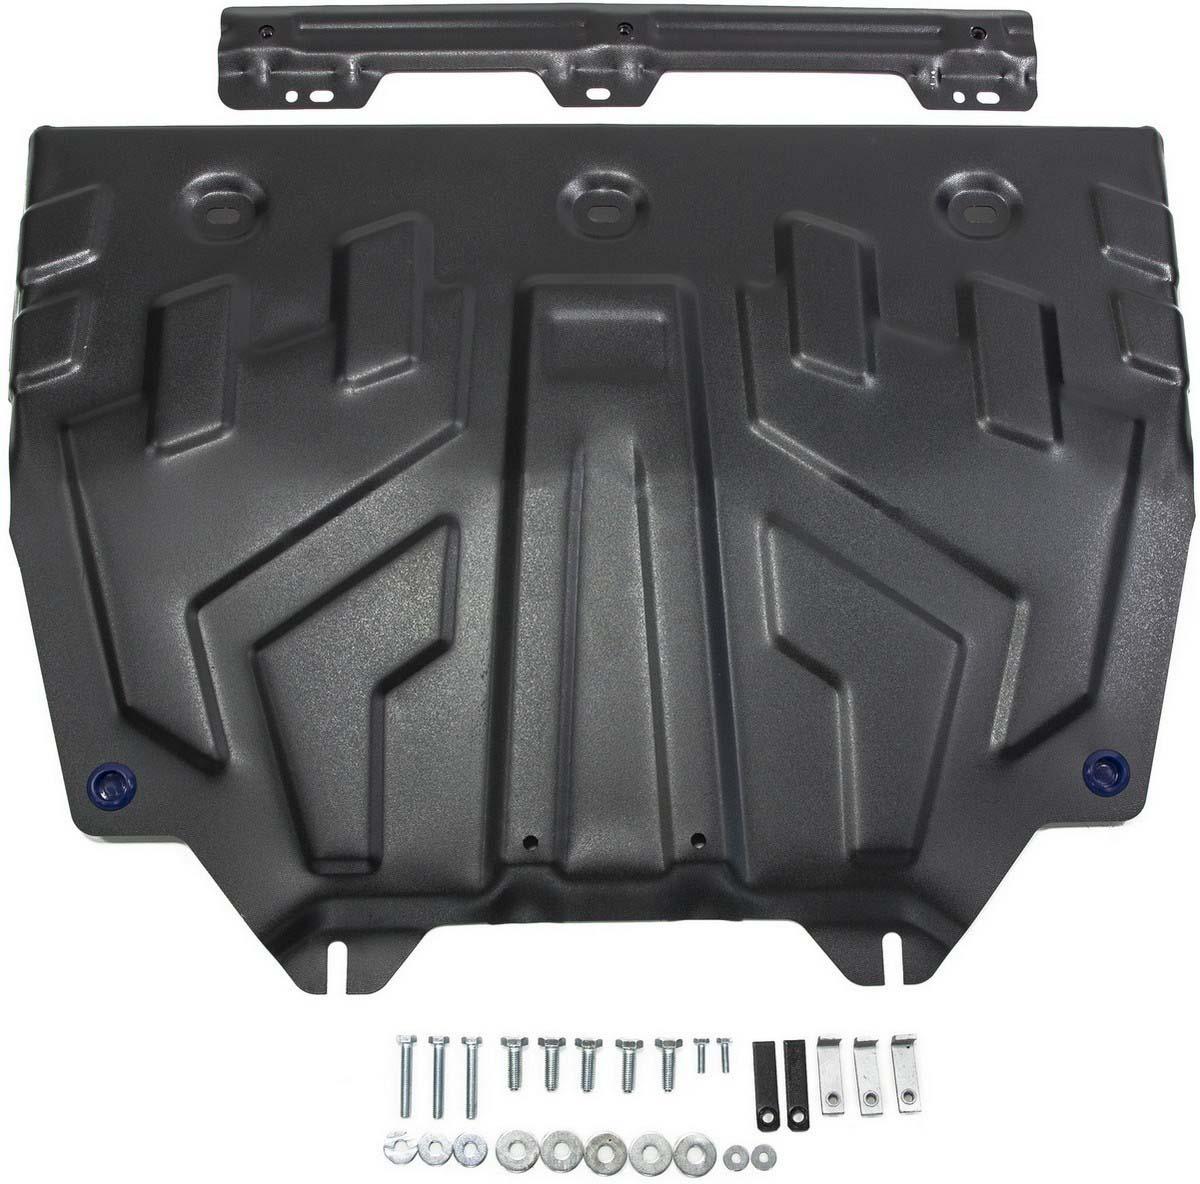 Защита картера и КПП Rival (увеличенная) для Mazda 3 BM 2013-2018/6 GJ 2012-2015 2015-2018 2018-н.в./CX-5 I, II 2011-2015 2015-2017 2017-н.в./CX-9 II 2017-н.в., сталь 2 мм, с крепежом. 111.3817.1 blue fuel injector nozzle l3k9 13 250 for 2006 2013 mazda 3 6 cx 7 2 3l l3k913250